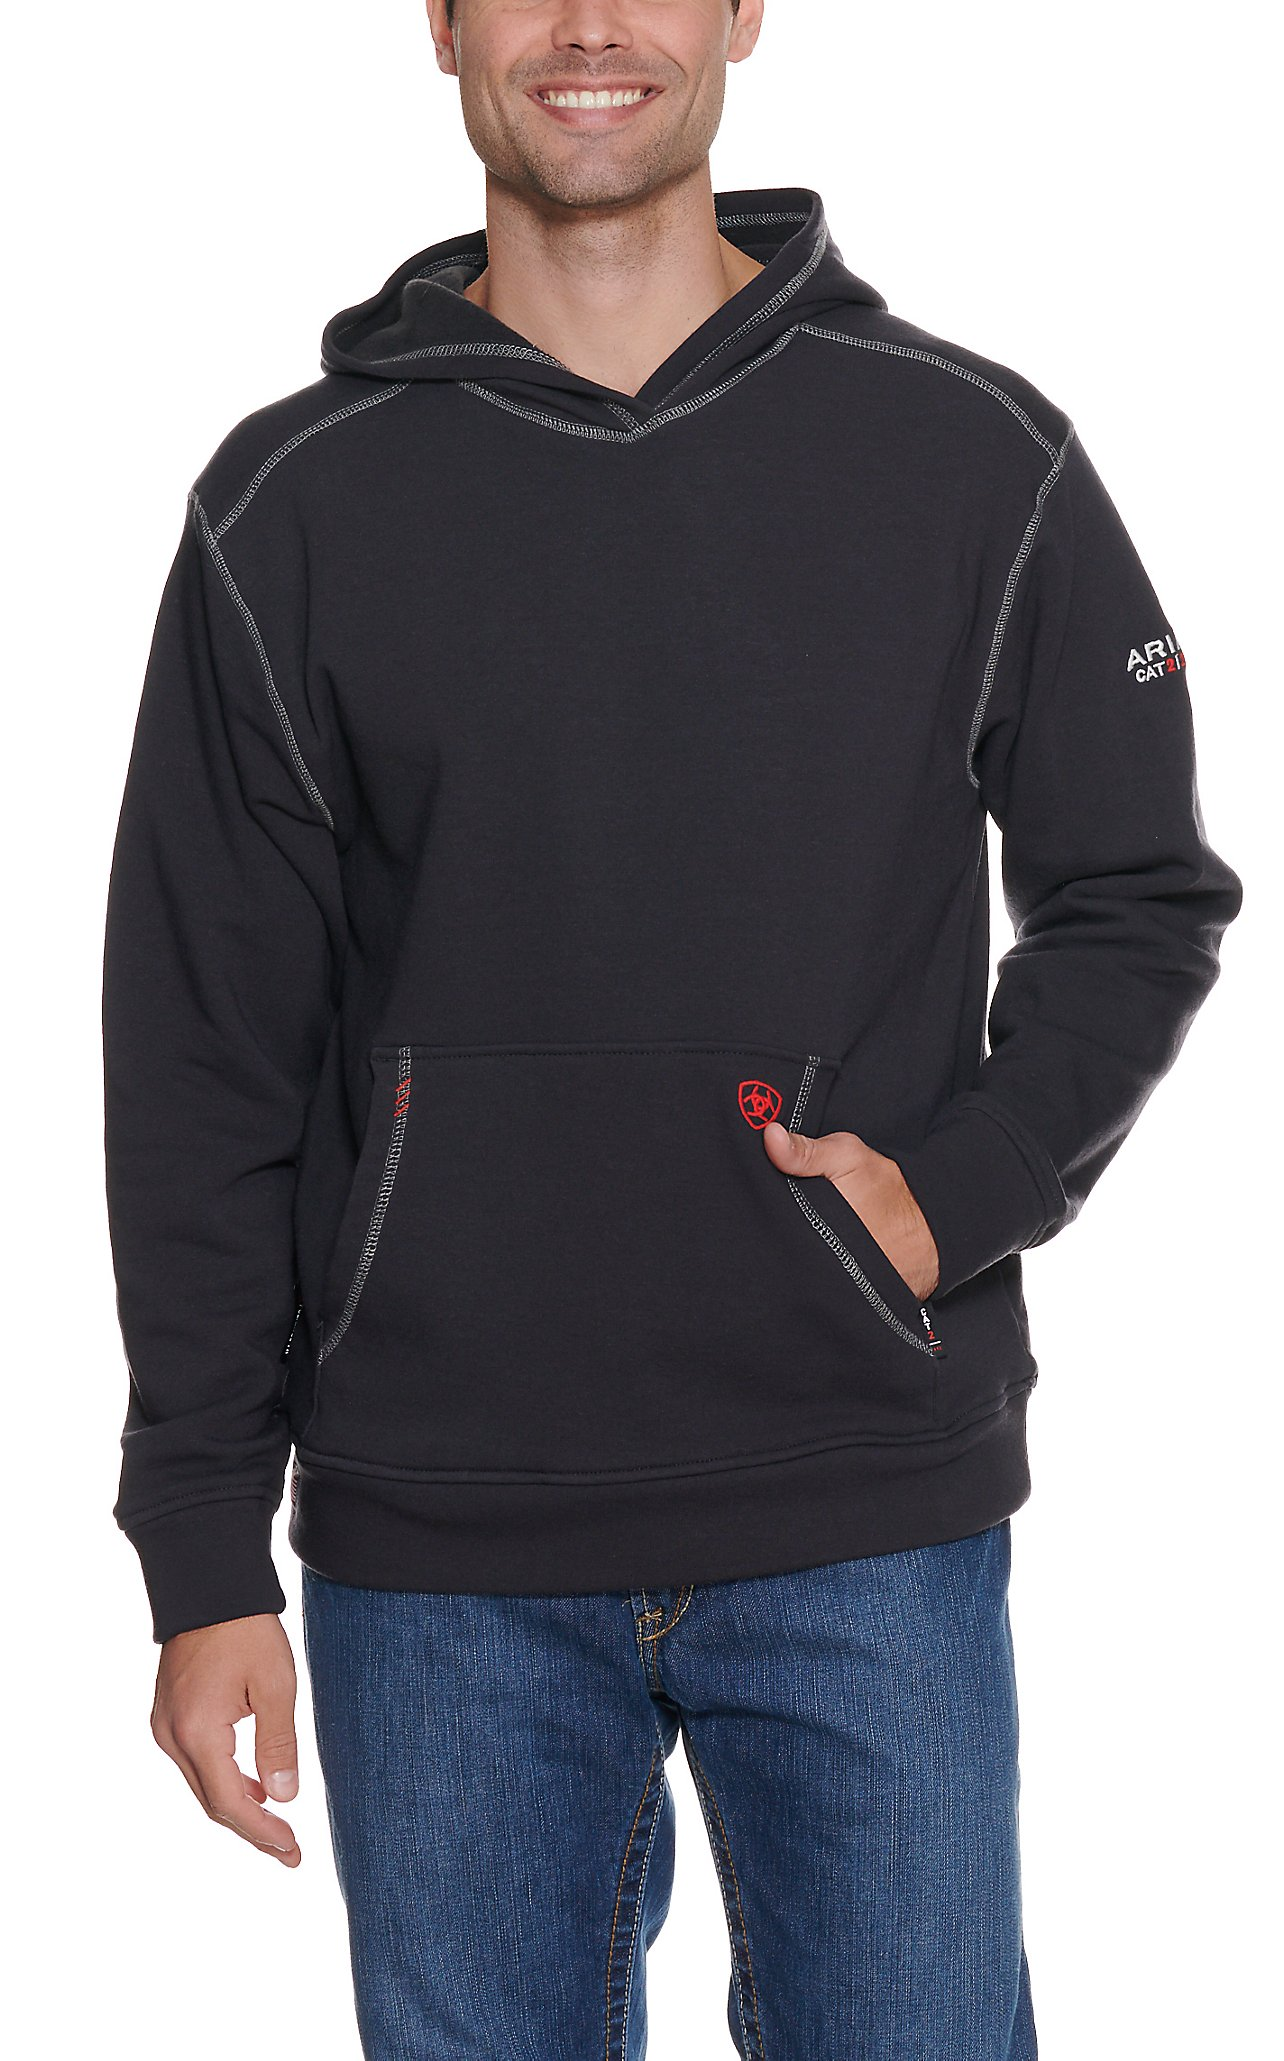 Ariat Work FR Men s Black HRC2 Long Sleeve Flame Resistant Hoodie ... 855d27763